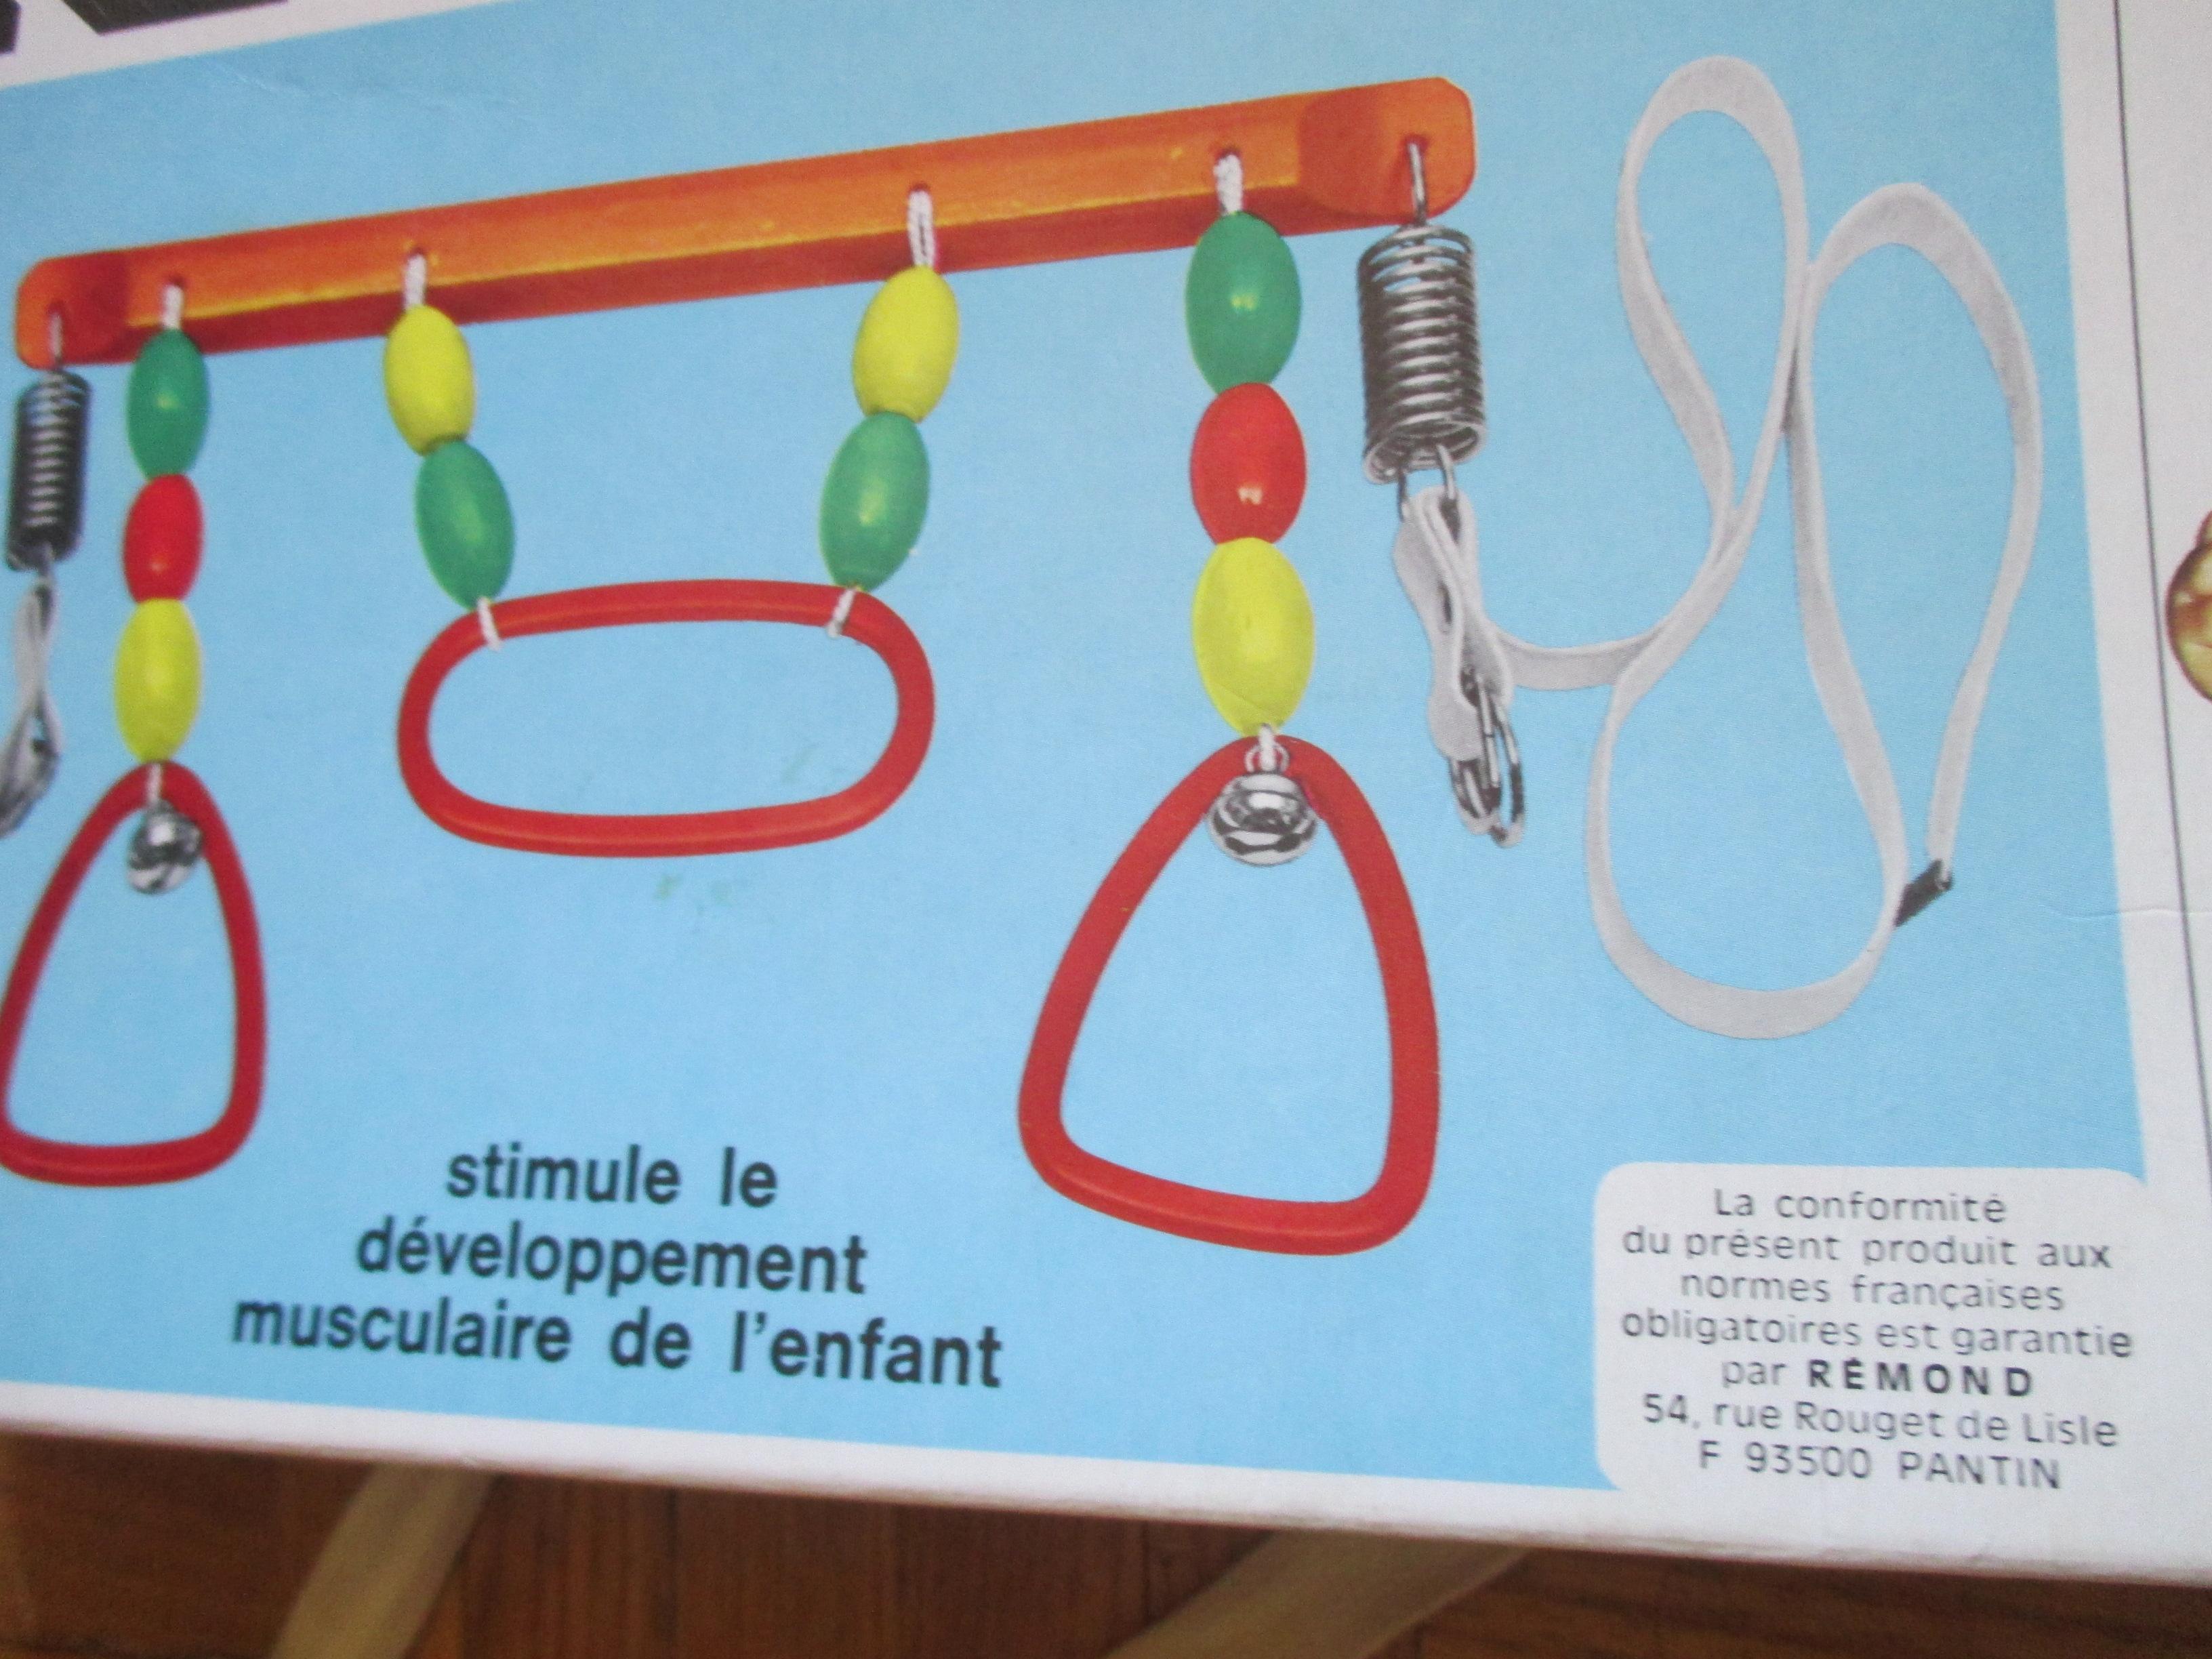 troc de troc a lyon - jeu d'eveil en bois & petits grelots  pour bébé image 1